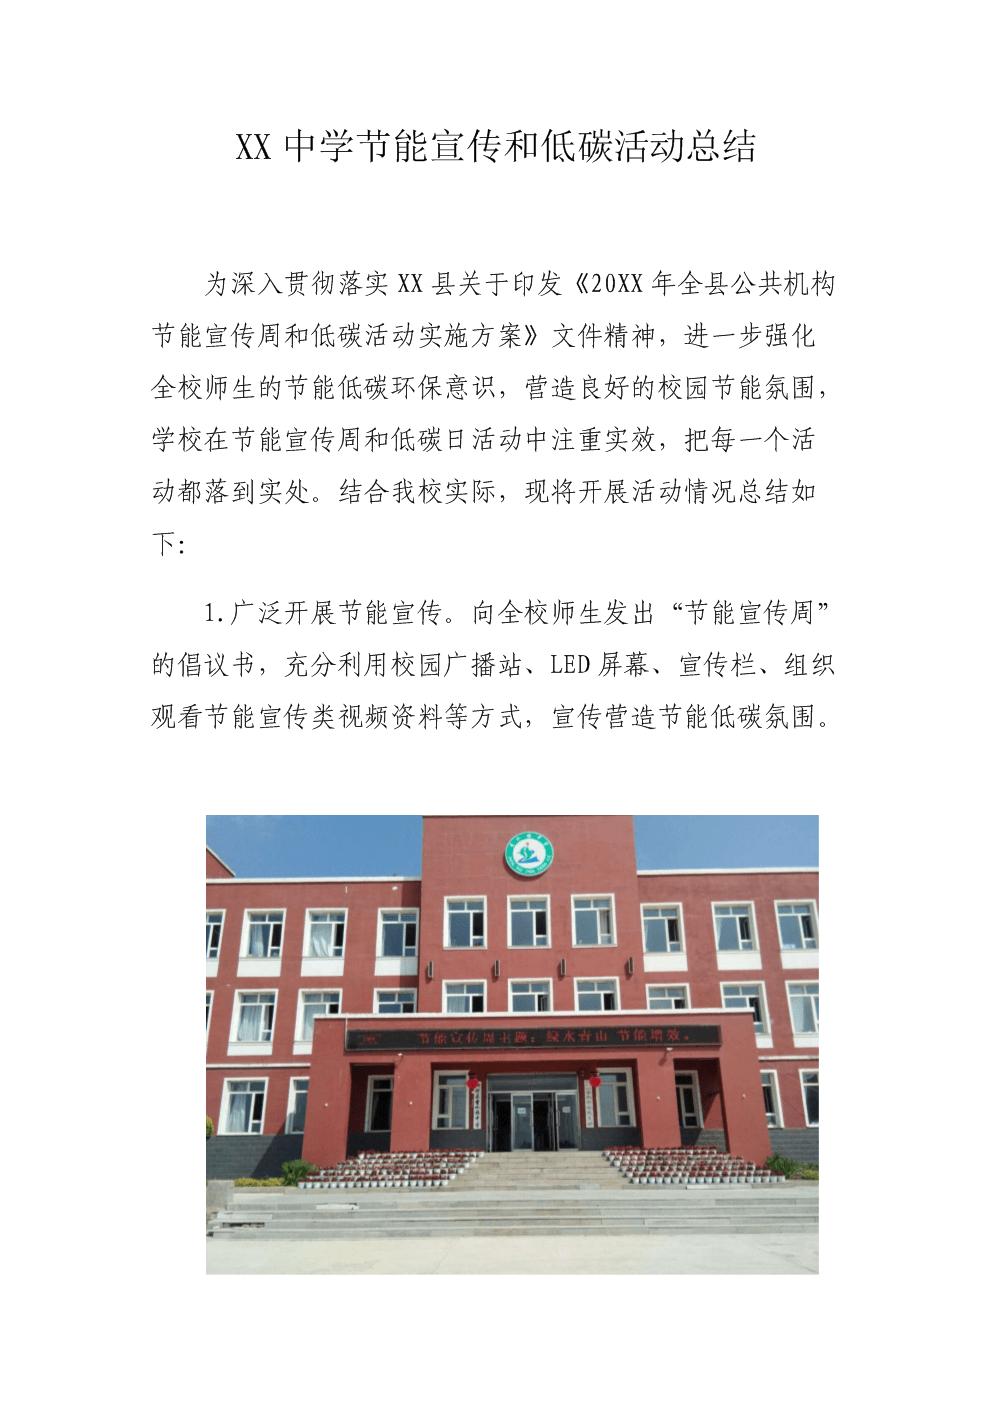 XX中学节能宣传和低碳活动总结.docx